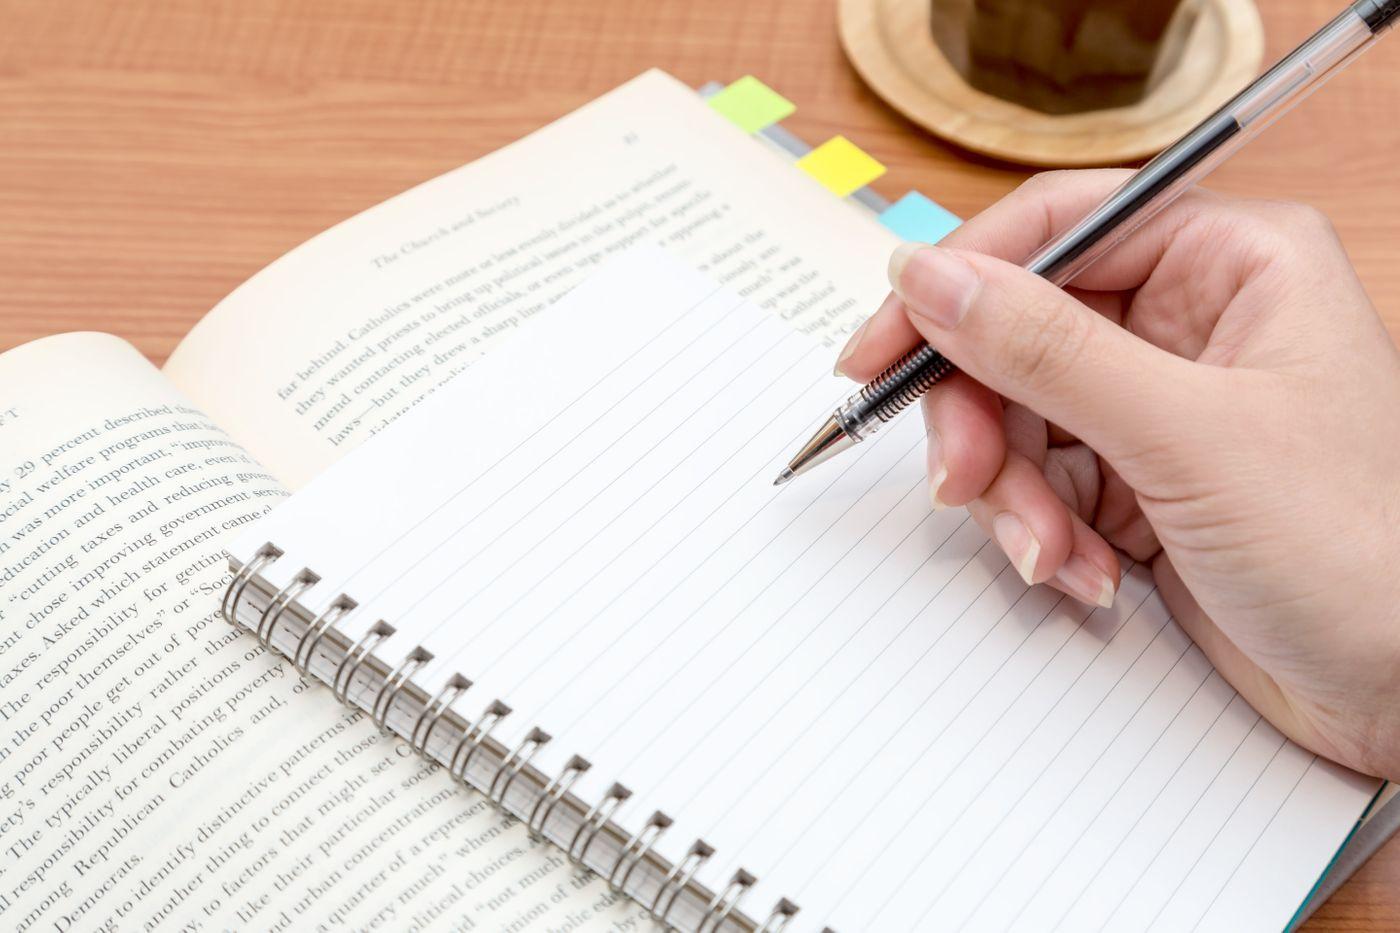 転職時にSPIを行うのはなぜ?4種類のテスト形式と7つの勉強方法